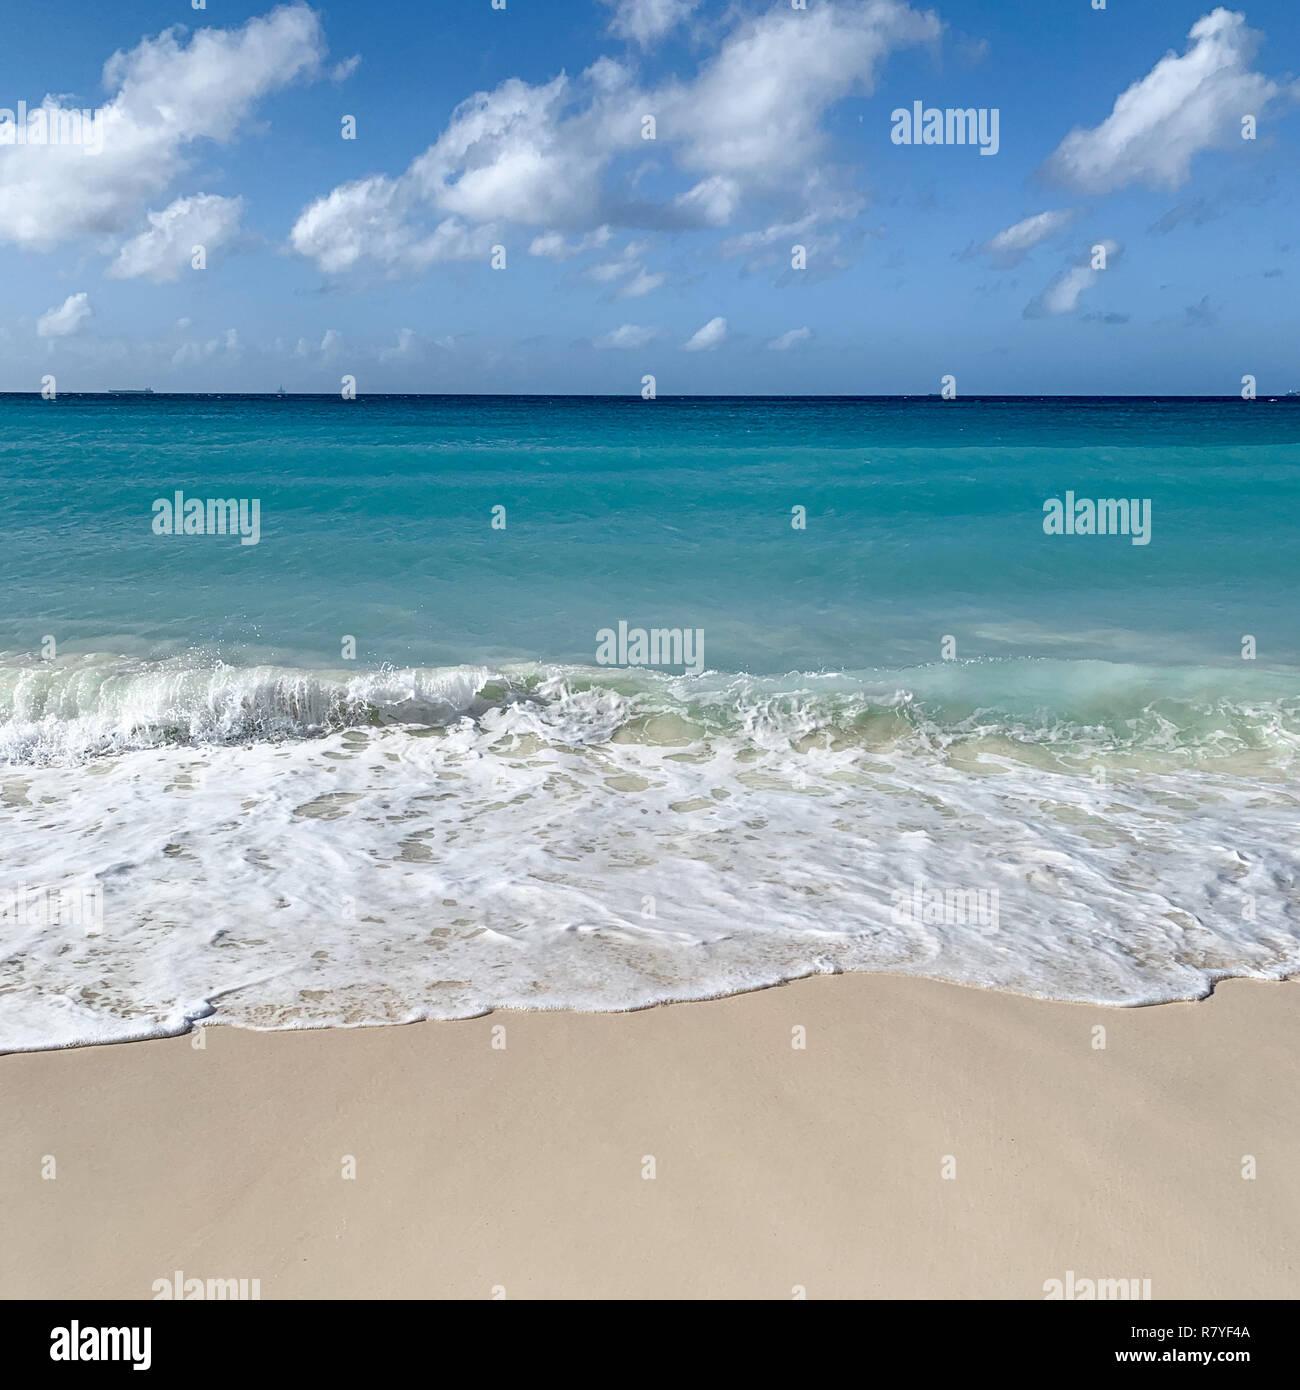 Aruba beach - tropical white sand beach with aquamarine water - Divi beach is a top Aruban vacation in the Caribbean - Dutch Island / Leeward Islands Stock Photo